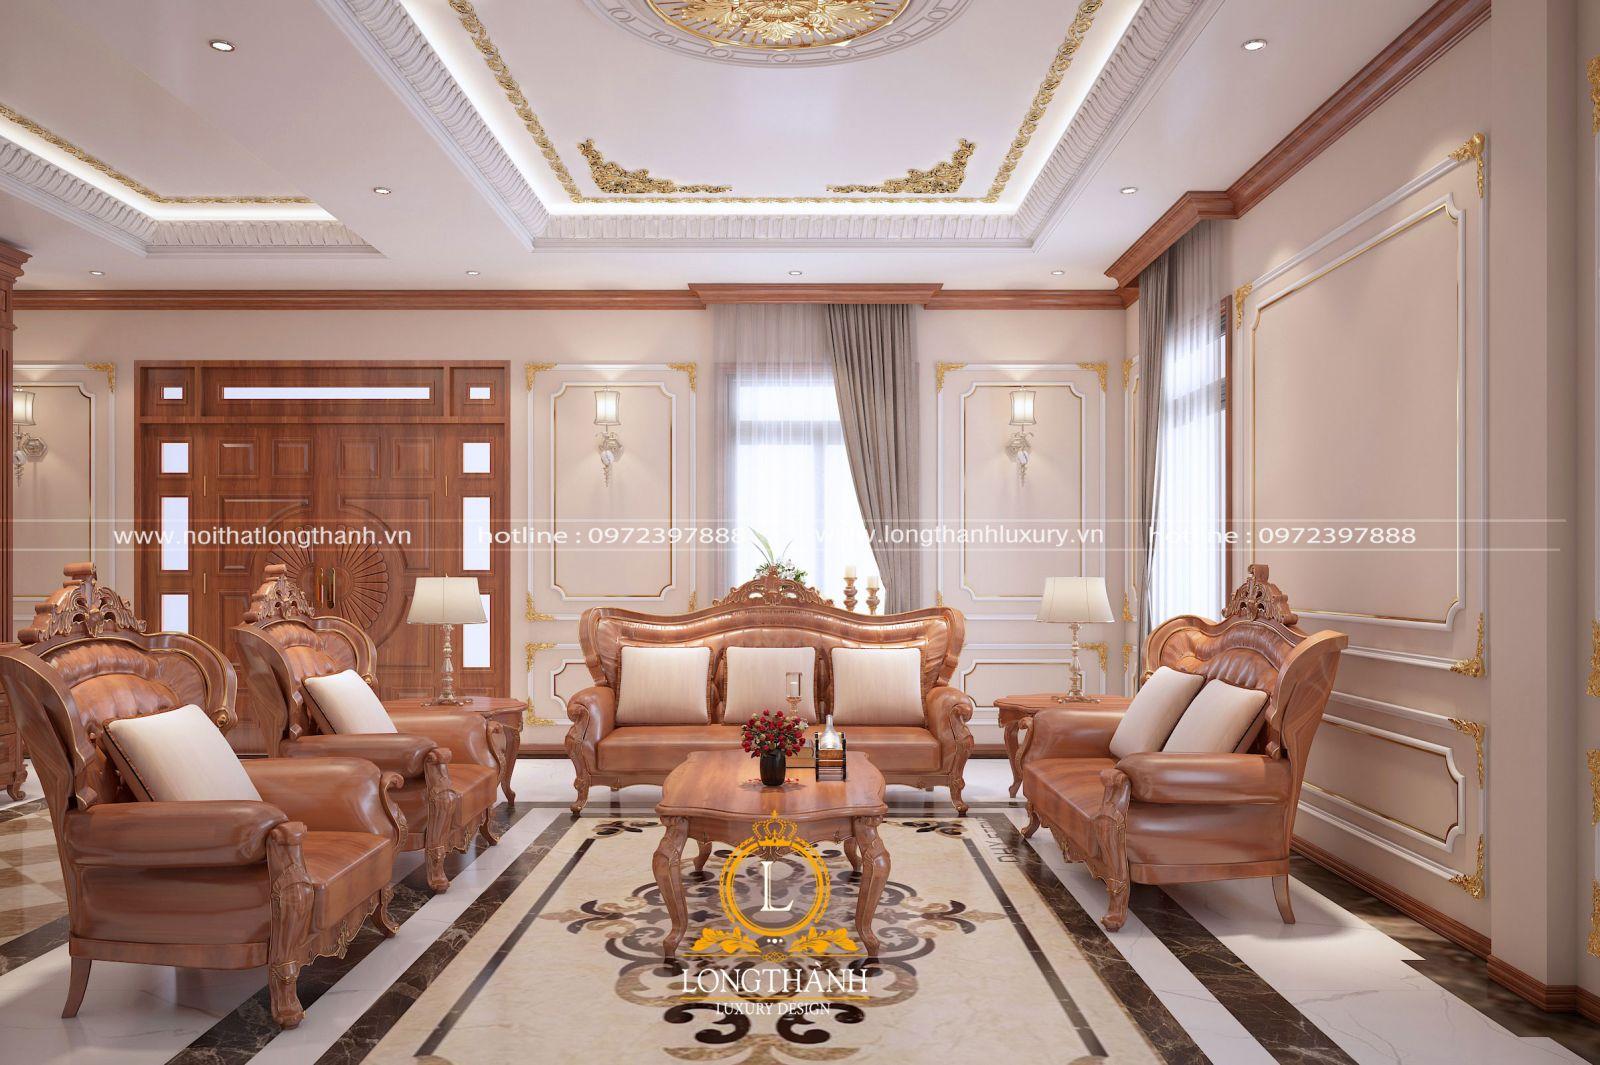 Chiêm ngưỡng TOP 6 mẫu sofa phòng khách gỗ hương đẹp mê đắm